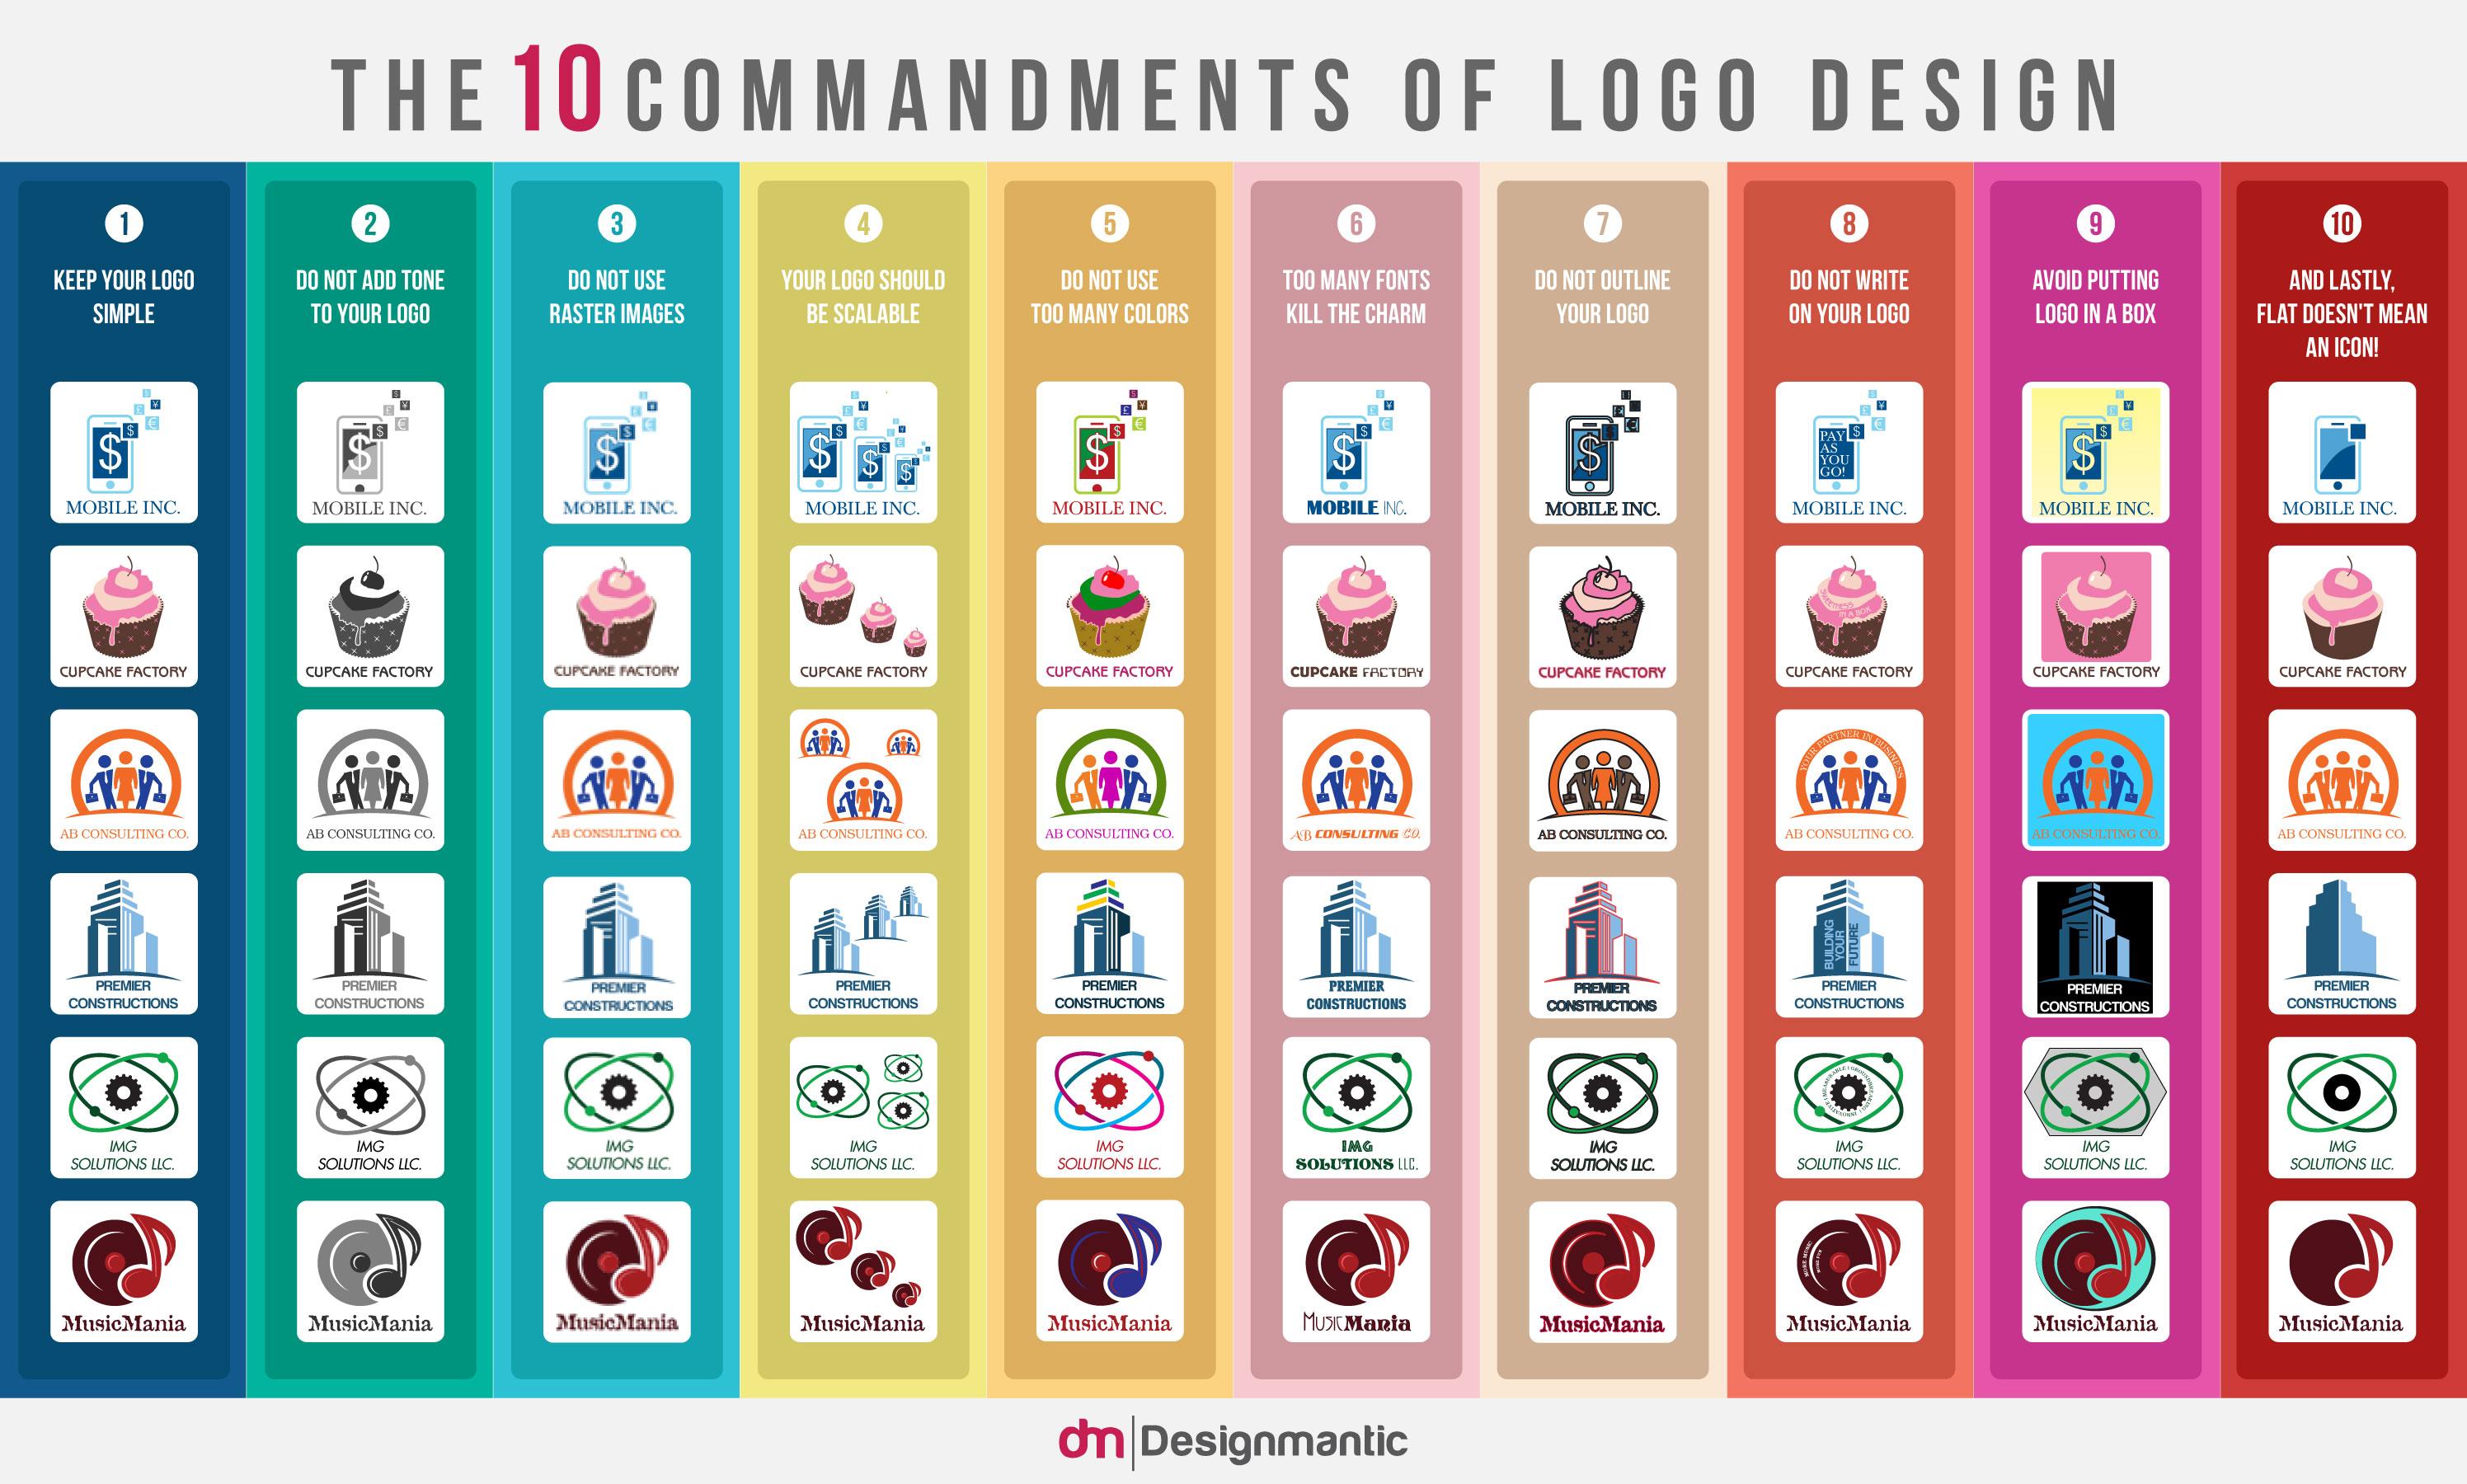 Los 10 mandamientos del diseño de logotipos